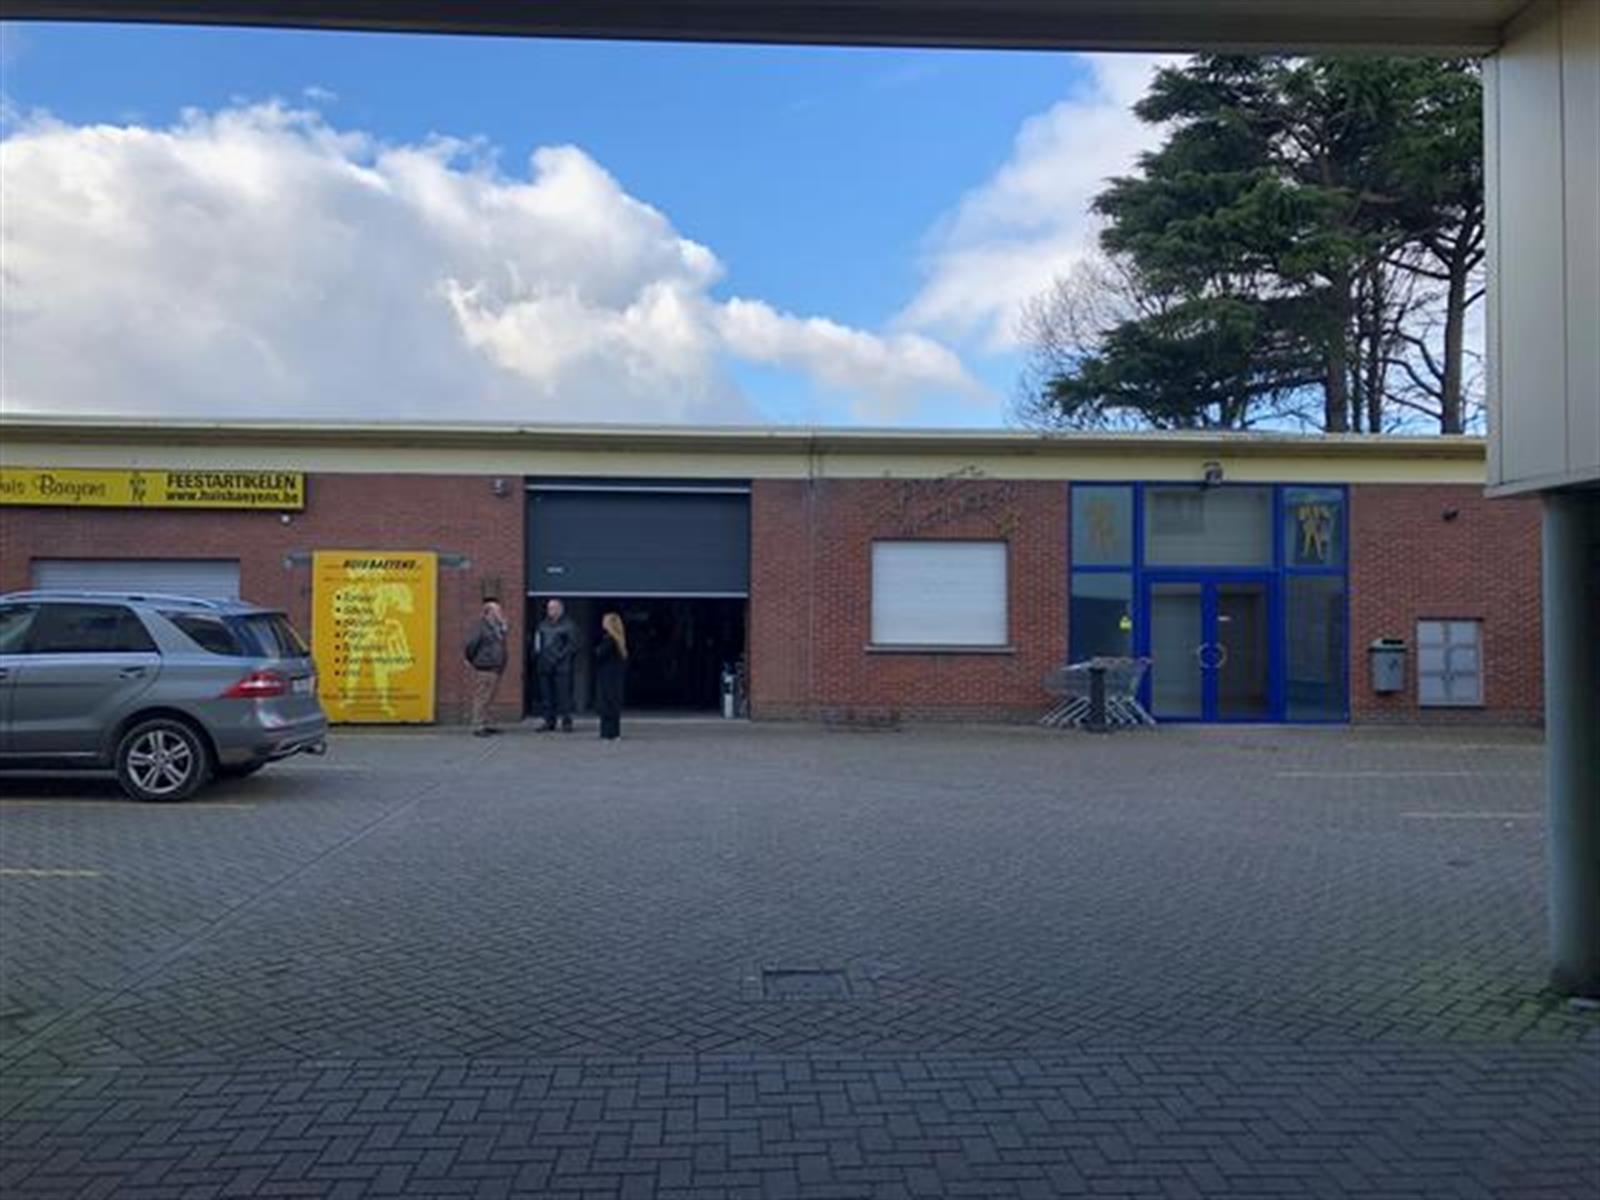 kantoren & magazijn te huur VV2004 - Kantoor en magazijnruimte - Autolei 273, 2160 Wommelgem, België 2